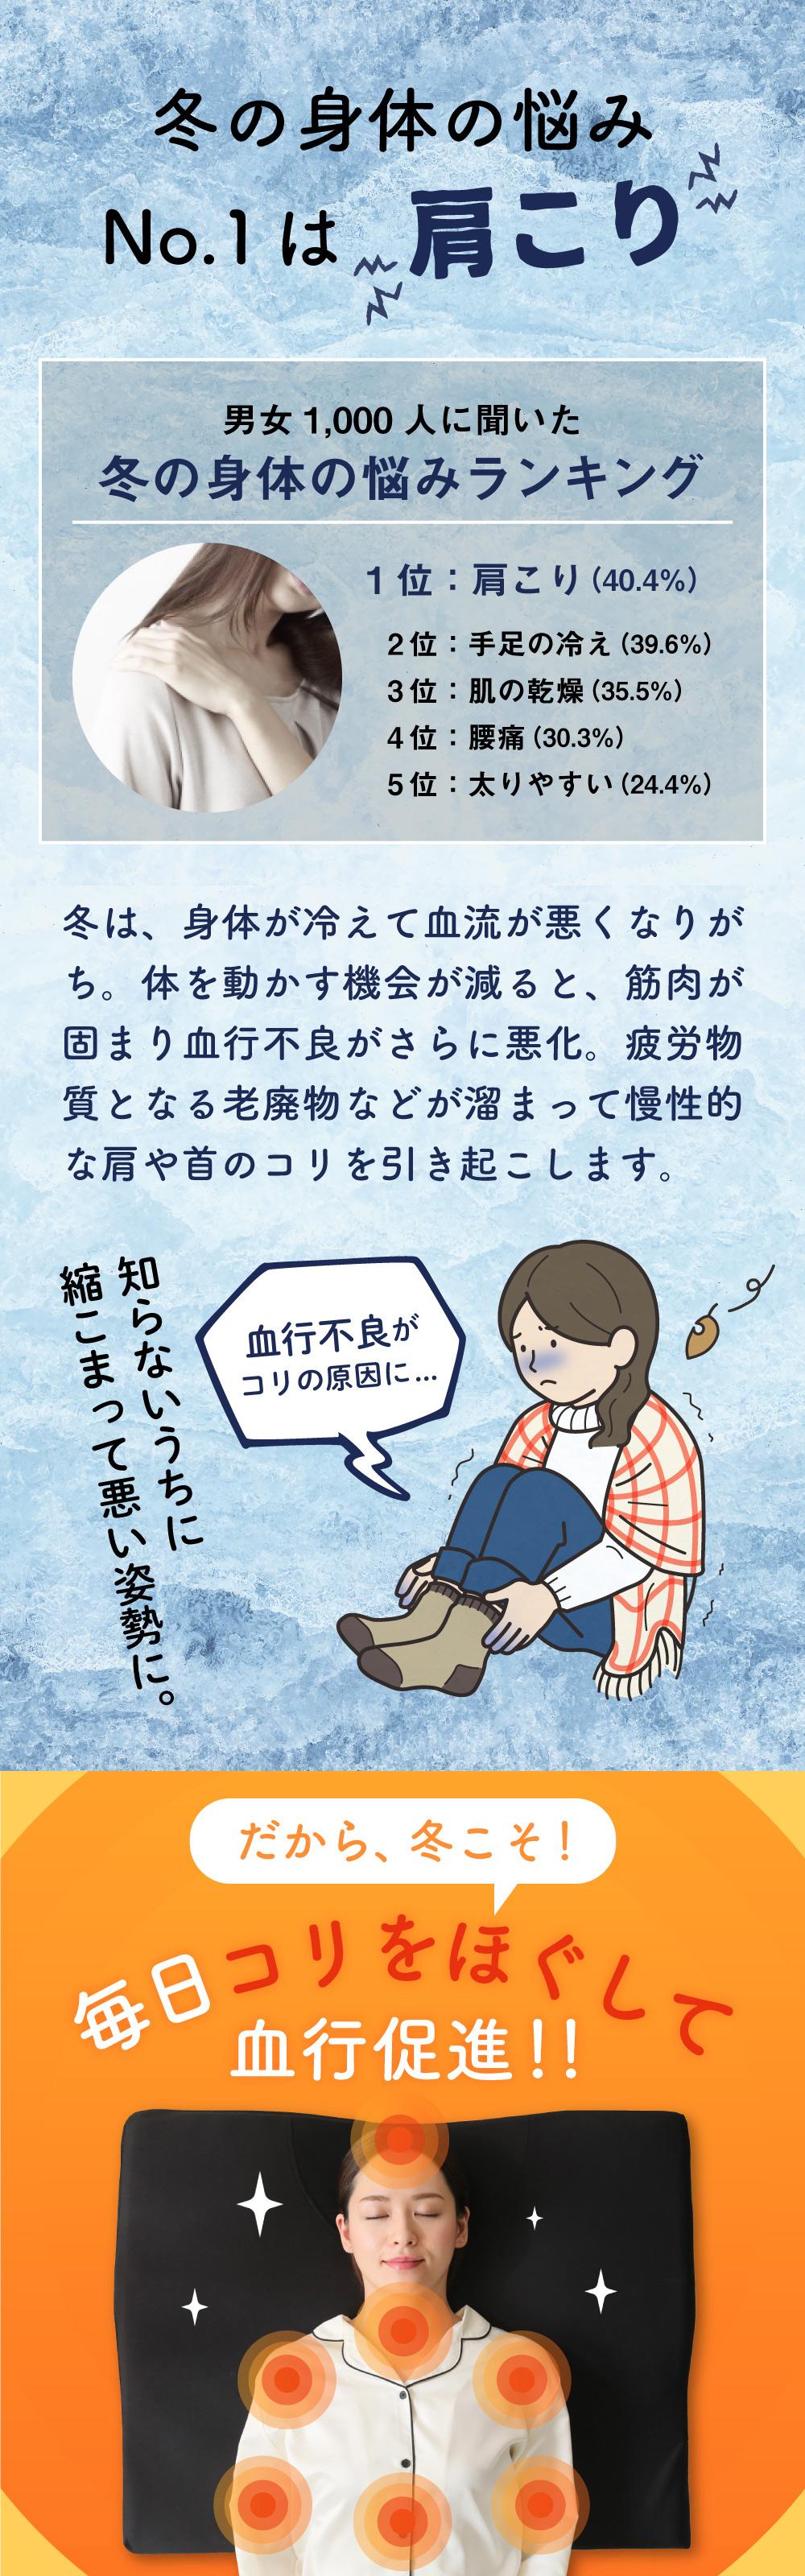 冬は、身体が冷えて血行不良から肩や首のコリを感じやすくなります。だから冬こそ毎日血行促進!